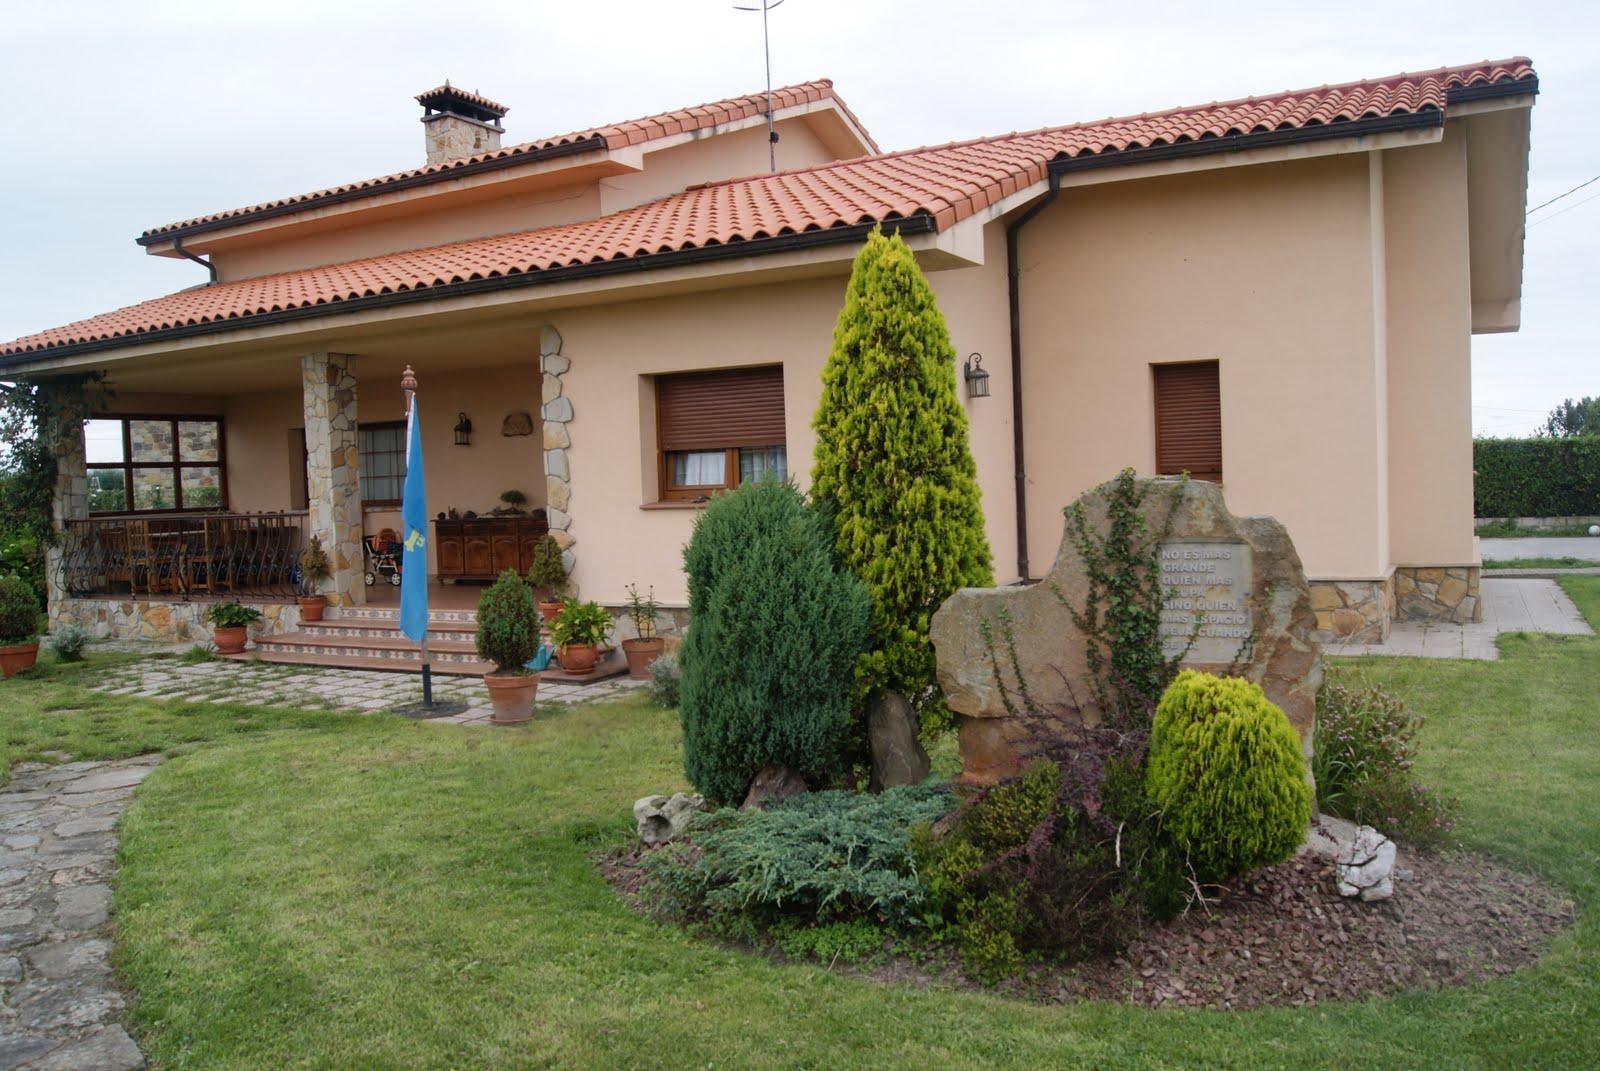 Casachaletasturias casa con encanto especial en venta - Casas de madera con encanto ...